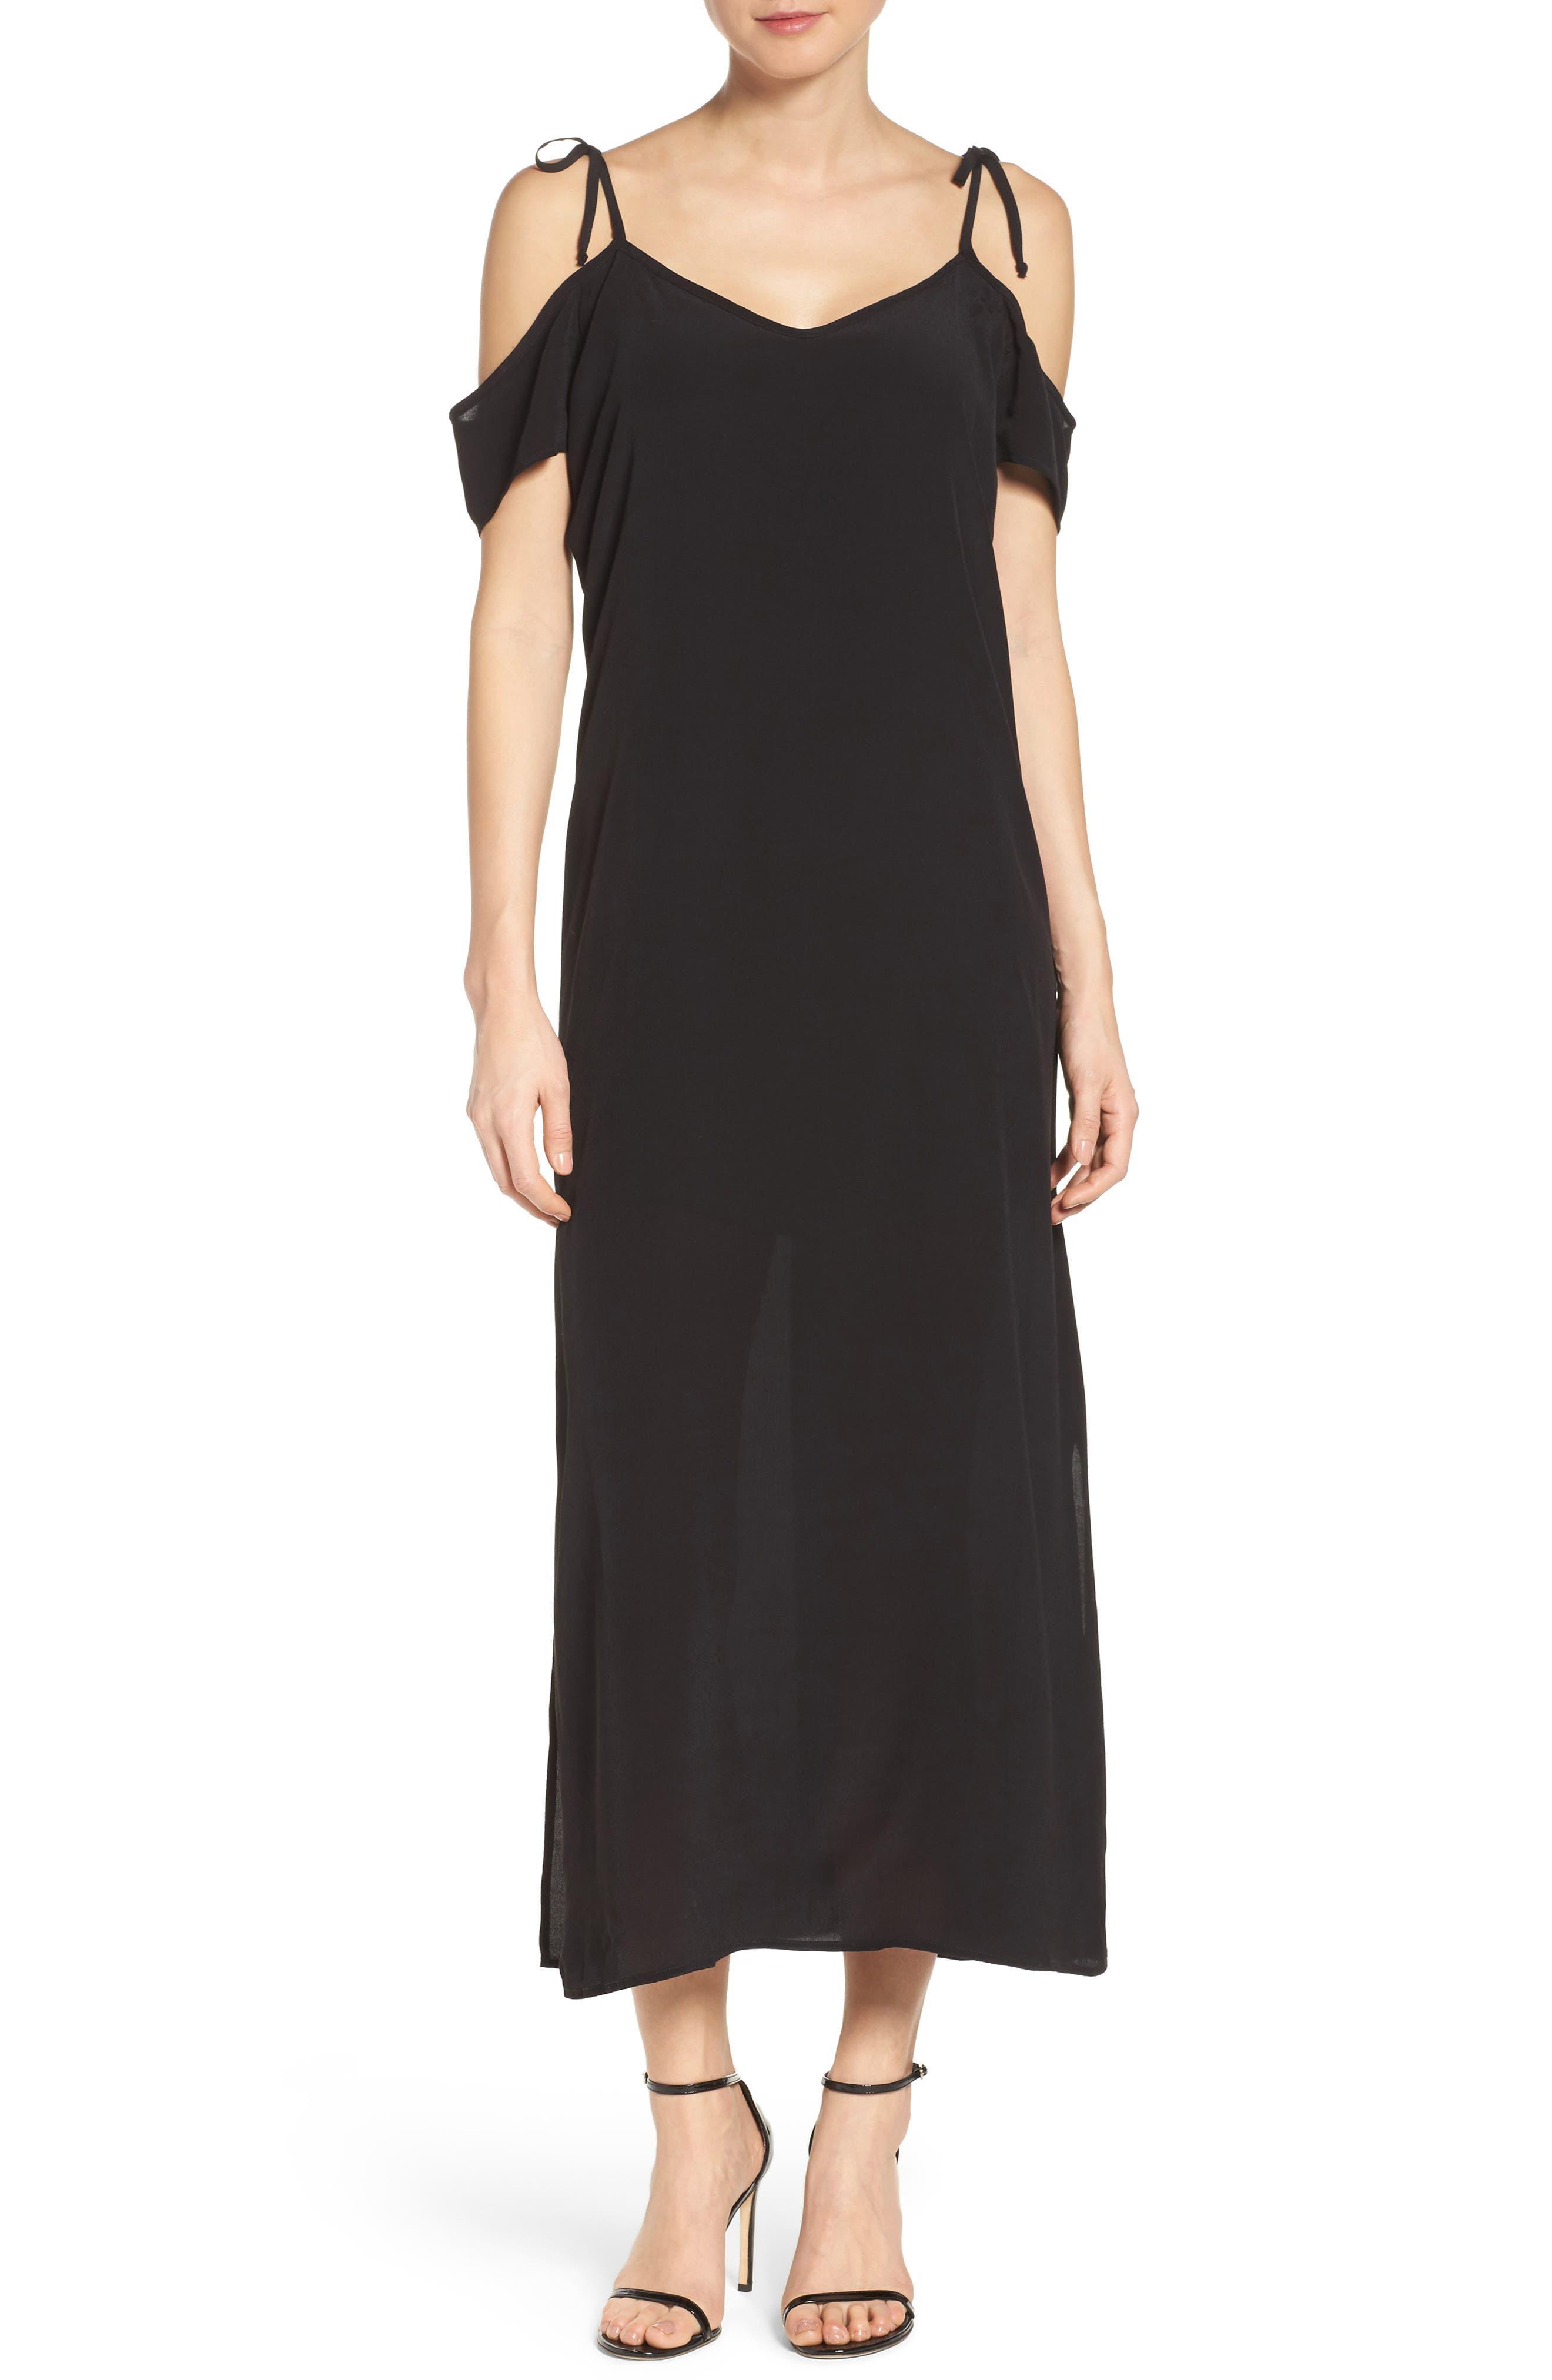 Tie Cold Shoulder Midi Dress,                             Main thumbnail 1, color,                             001